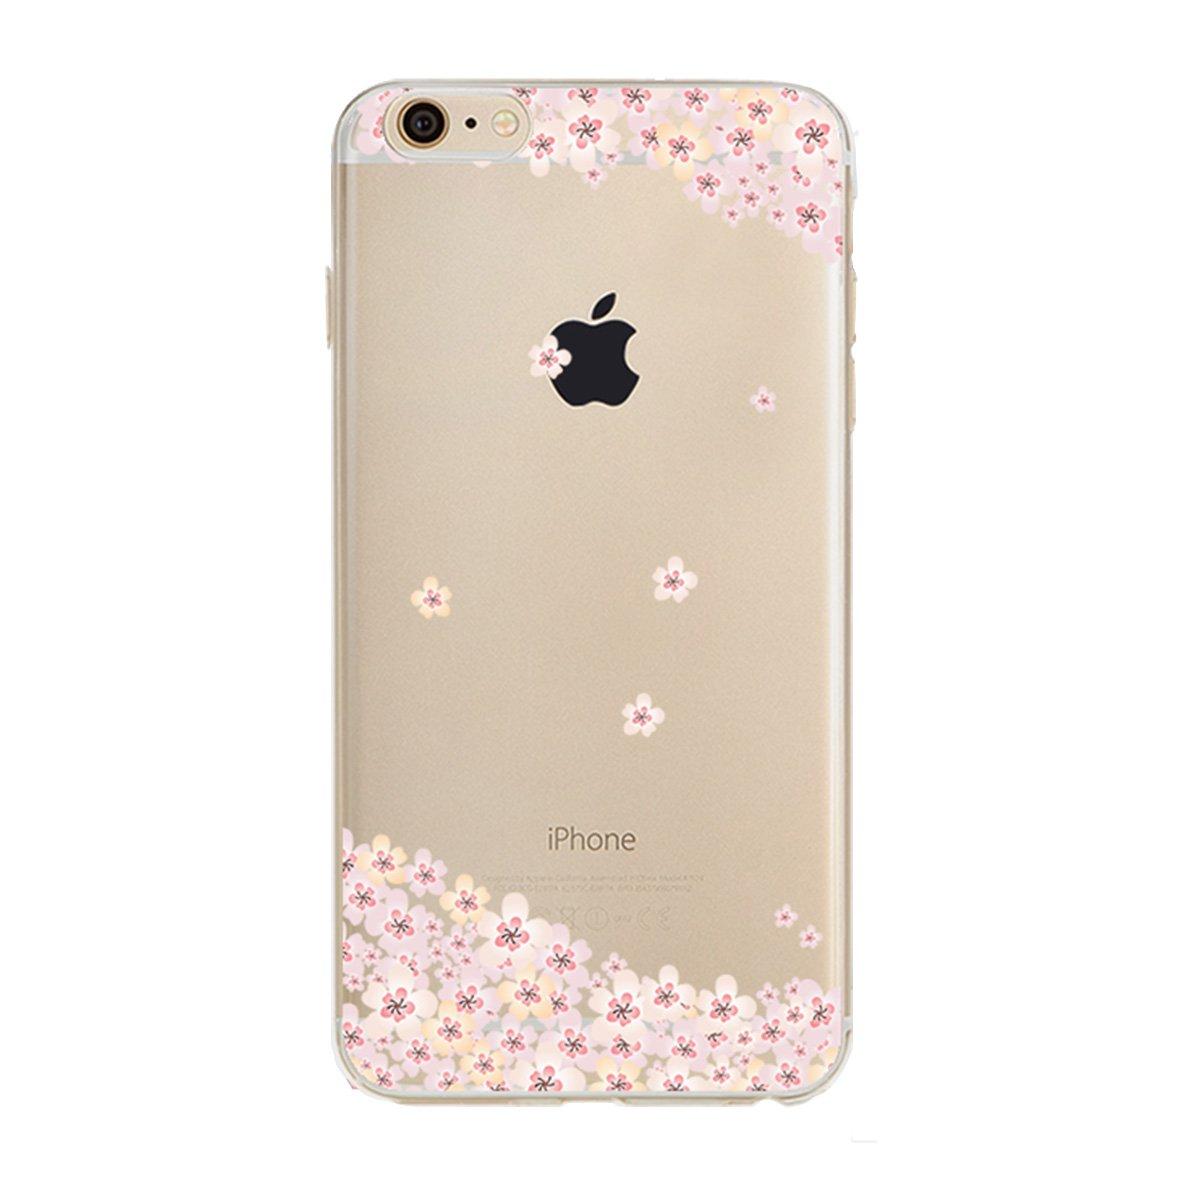 【ラッピング不可】 (Floral 8) - iPhone TPU 6S Plus/ 6 8) Plus Clear Case, iPhone 6S Plus Clear Case, PHEZEN Cherry Blossom Flower Series Transparent TPU Bumper Soft Silicone Rubber Skin Back Case Cover for iPhone 6/6S Plus 14cm (Floral 8) Floral #8 B01LY12RZQ, windyside:0dea51e1 --- ciadaterra.com